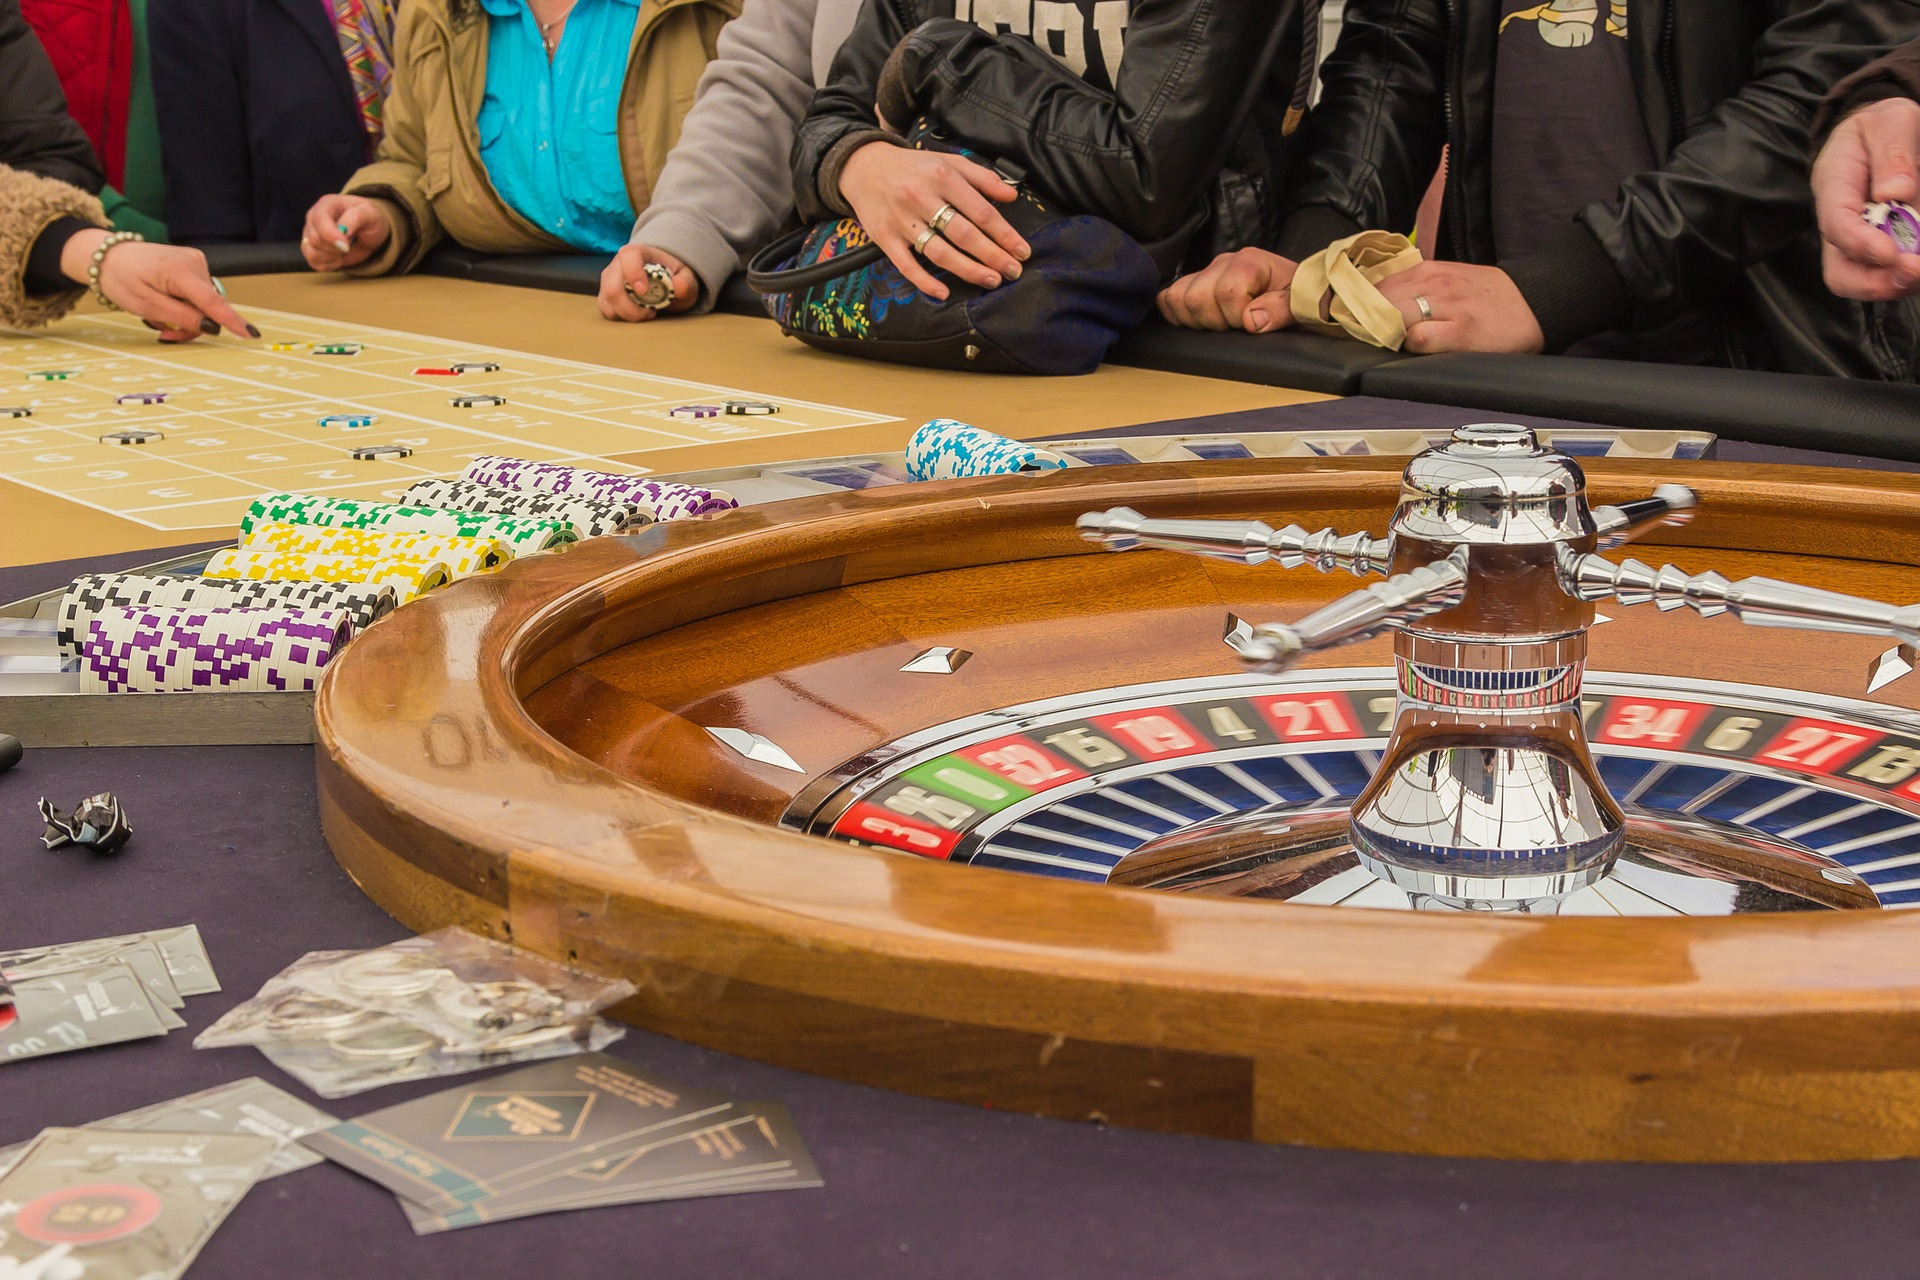 roulette-1253624_1920.jpg